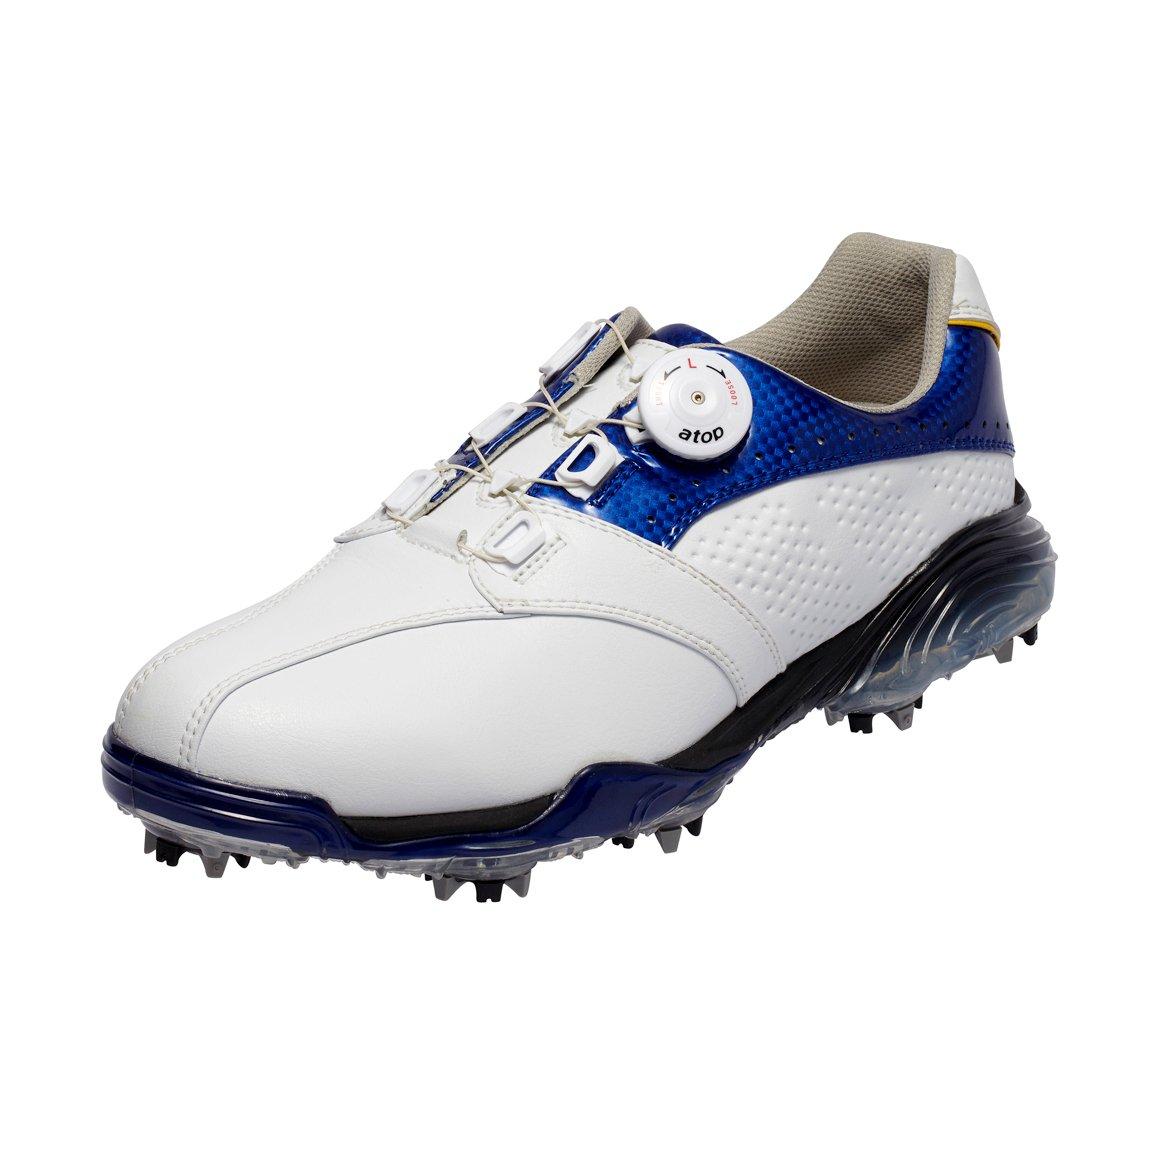 本間ゴルフ Be ZEAL メンズ スポーツモデル ダイヤルシューズ ホワイト/ブルー 27.5cm 3E SS-1602 原産国:中国 素材:甲(人工皮革) 、底(EVAスポンジ/TPU)   B077HFCPRD